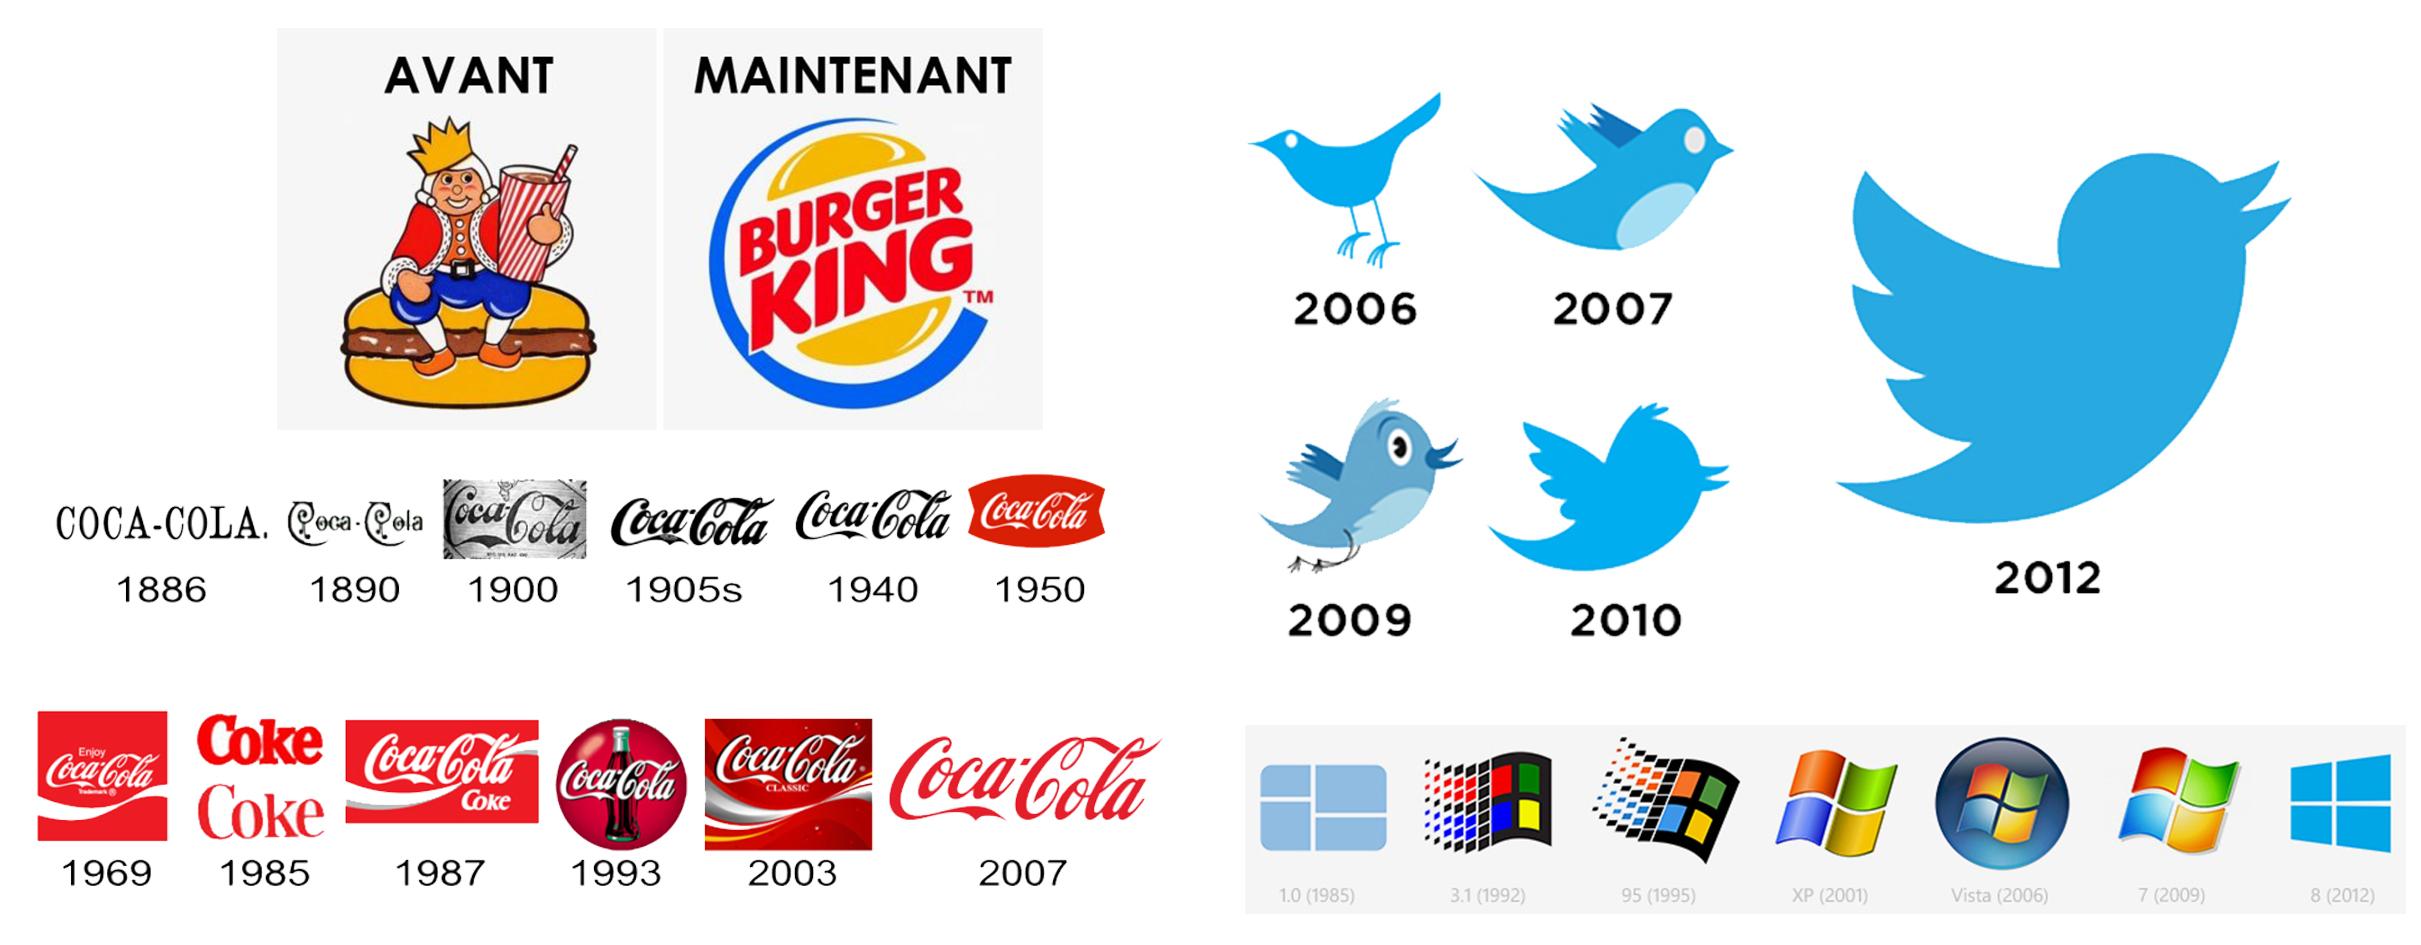 Un logo est une sorte de mascotte d'une entreprise. C'est l'élément clé de l'identification d'une marque, d'une société, d'un nom… C'est aussi le meilleur moyen pour identifier immédiatement et rapidement une entreprise. Graphiquement, le logo doit être très efficace, un style unique, un design cohérent. Également le logo doit servir à renforcer l'image de l'entreprise, à représenter ses valeurs, à valoriser ses services et activités. Très souvent nos clients nous demandent comment doit être un logo ? À cette question, la réponse apportée est : un logo doit refléter la vision de l'entreprise, véhiculer ses valeurs. Il doit donc être facile à comprendre, car dans un logo, il y a un message qui est apporté, et ce message doit être reçu par les cibles, par les prestataires, les partenaires, les salariés. Ce message peut évoluer dans le temps, la vision peut changer, une entreprise peut elle-même grandir, voir ses activités augmentées, ses services s'élargirent. Plusieurs raisons autour de l'évolution d'une entreprise. À cela il n'y a aucune obligation à ce qu'un logo reste figé, mais au contraire un logo peut garder les éléments de son identité tout en se perfectionnant avec le temps. Faire évoluer son logo, c'est aussi un moyen de faire évoluer l'image de l'entreprise, de renforcer son efficacité, tout simplement être cohérent avec le message qu'on renvoie et être en phase avec l'époque dans laquelle nous vivons. Cependant, cette décision n'est pas à prendre à la légère. Il faut une étude très approfondie autour de l'image de sa société (Image Corporate). Ce n'est qu'après cette étude, qu'on peut envisager de faire évoluer son logo. Il faut également être très bien accompagné par une agence qui prend le temps d'étudier intelligemment avec vous tous les aspects de la communication de votre entreprise. Nos clients ne sont pas tous les mêmes, nous prenons en compte leur particularité afin de les conseiller au mieux et de leur proposer des solutions adaptées à leur situat